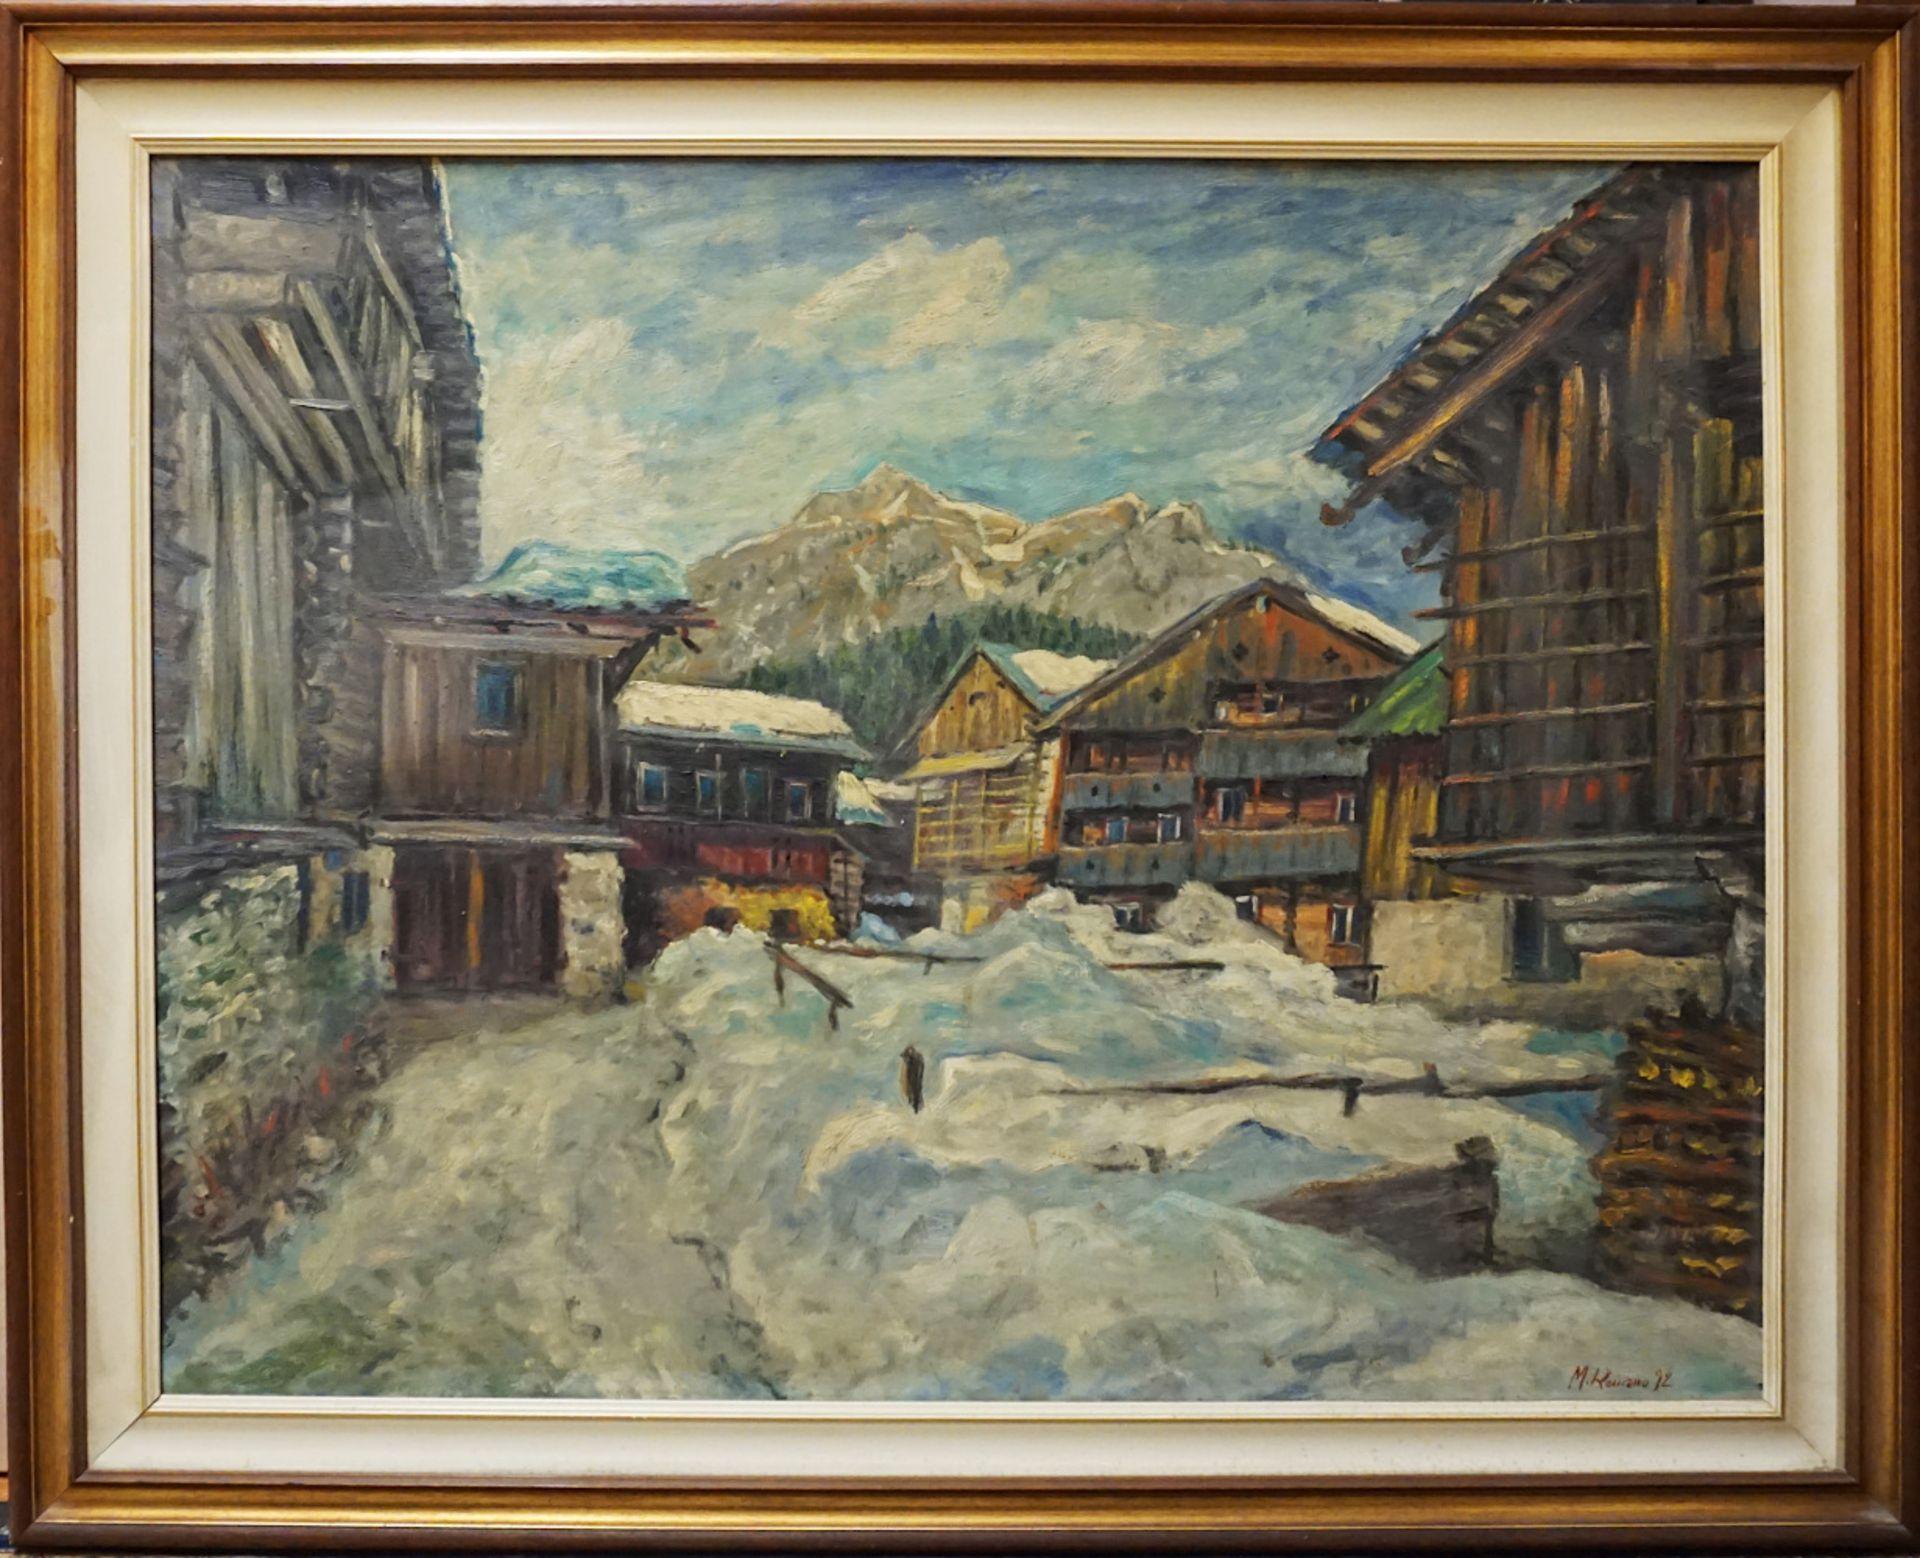 """1 Ölgemälde """"Gebirgsdorf im Schnee"""" R.u. sign. M. ROMANO (wohl Michele R. * 1925), d - Bild 2 aus 4"""